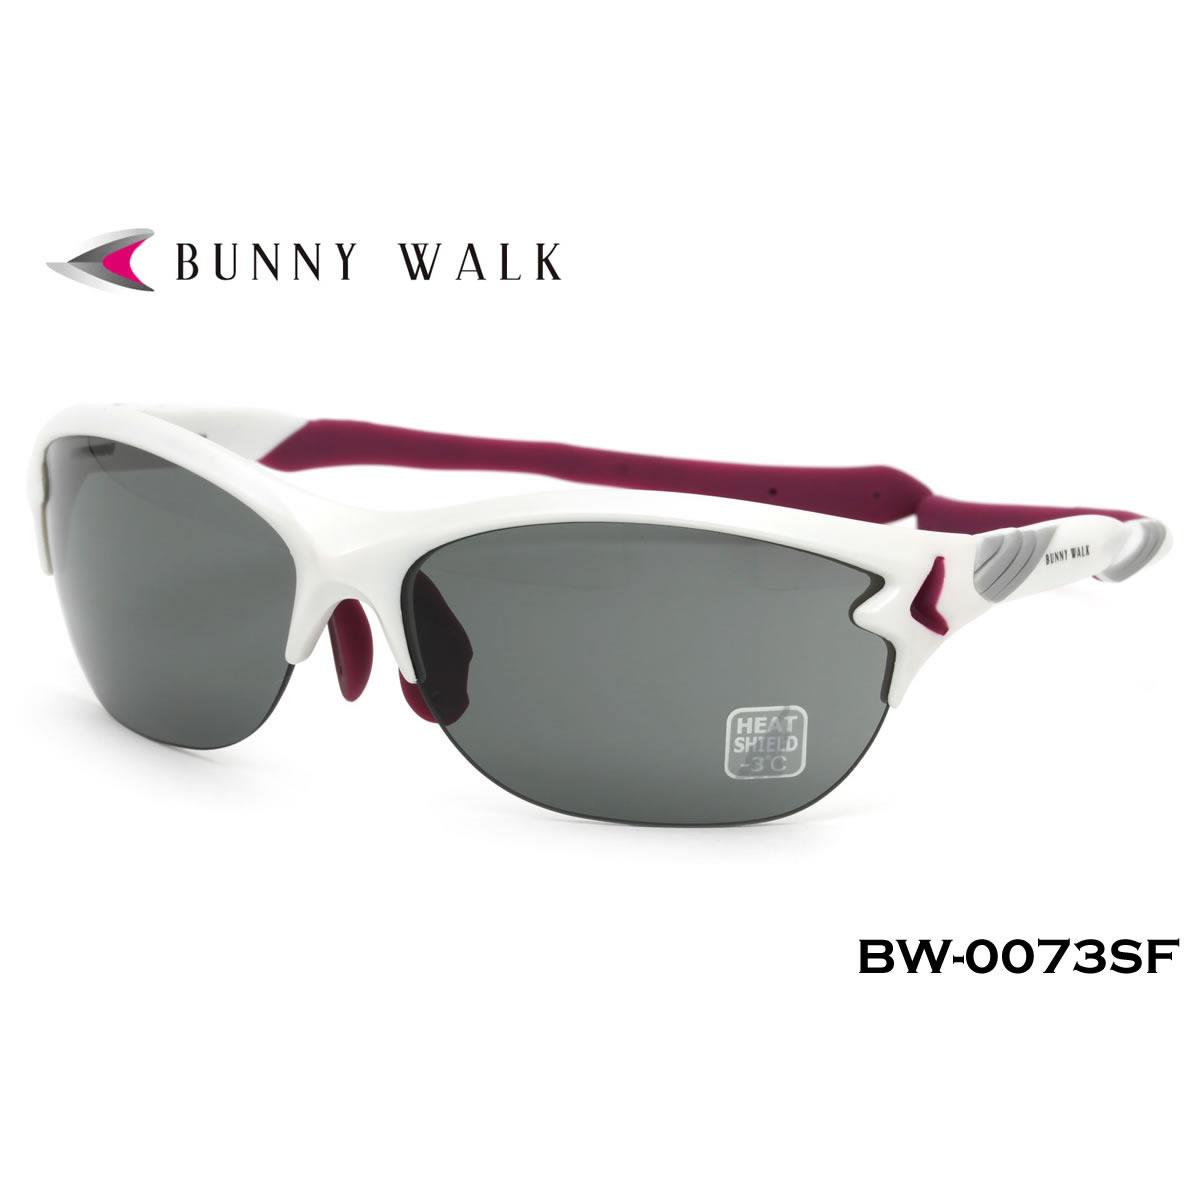 スポーツウェア・アクセサリー, スポーツサングラス BUNNY WALK BW-0073SF 68 ZEAL